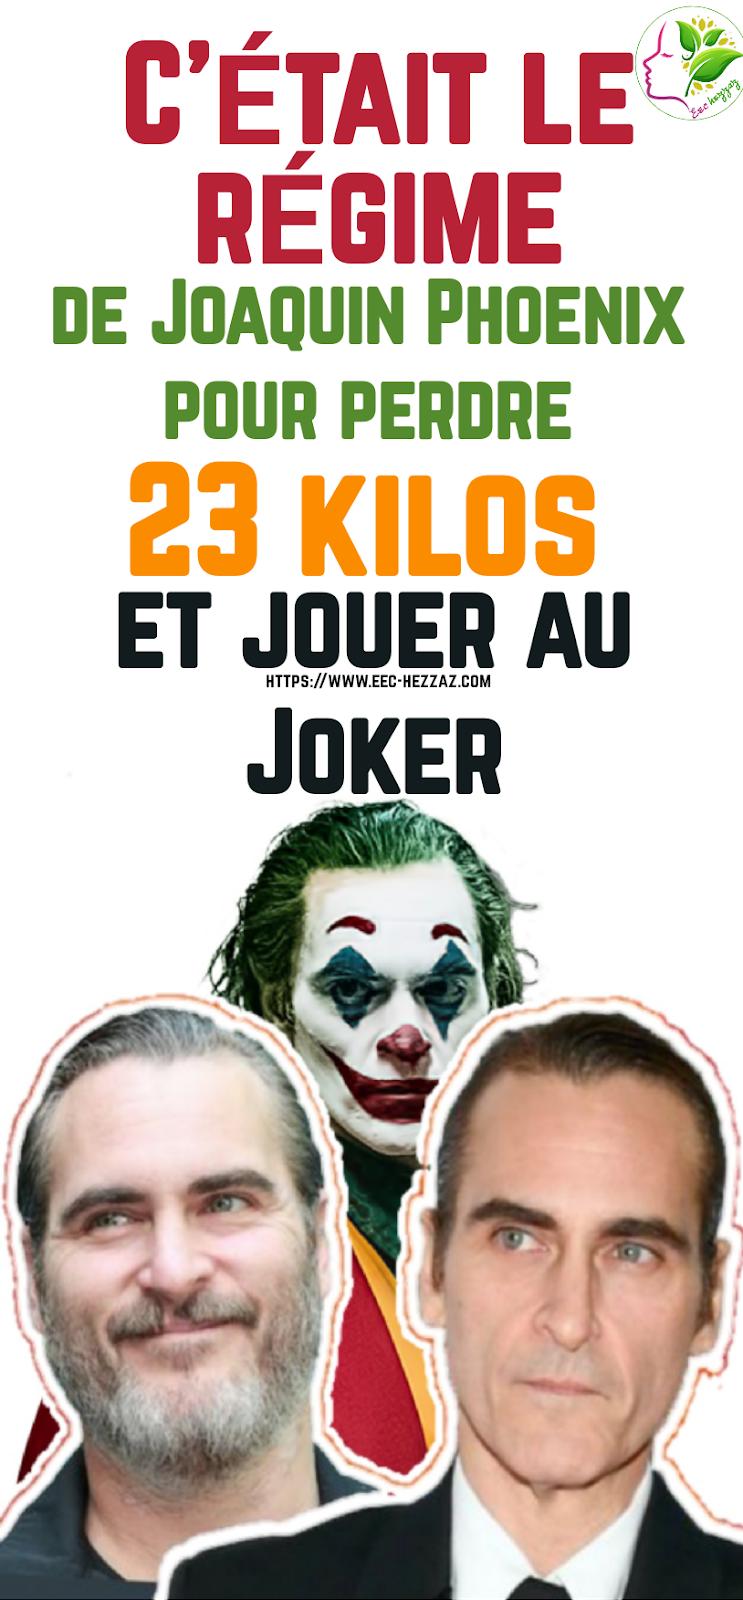 C'était le régime de Joaquin Phoenix pour perdre 23 kilos et jouer au Joker